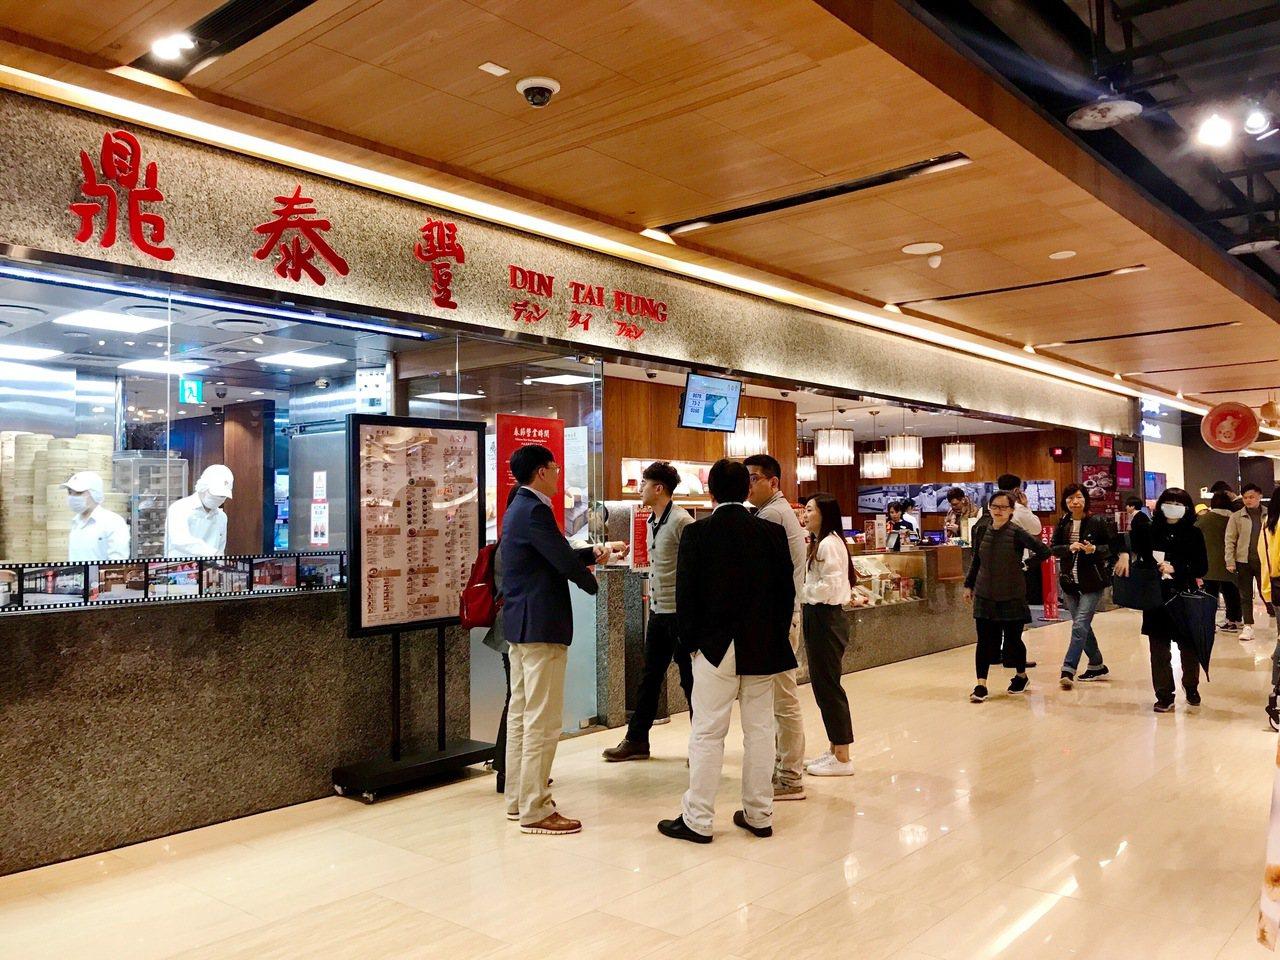 鼎泰豐在板橋大遠百年度業績突破3億,為餐飲店王。記者江佩君/攝影